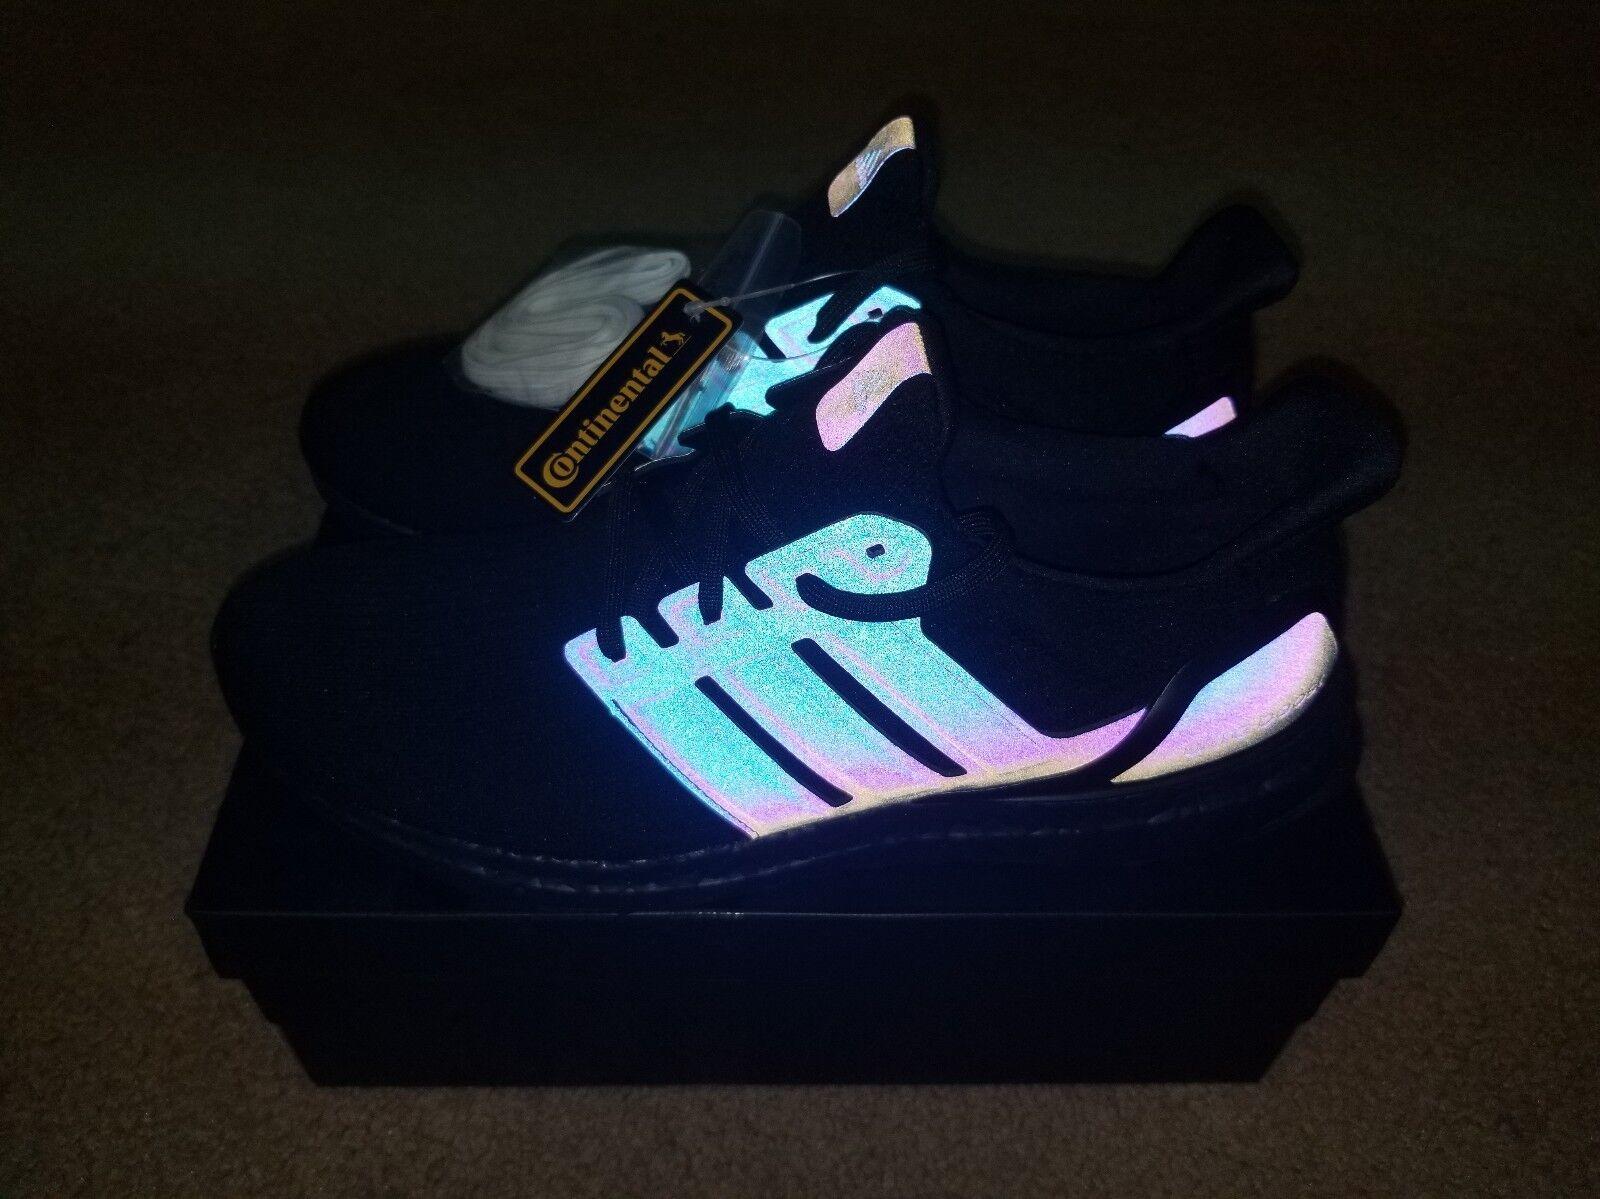 Adidas - schub - schwarz - xeno - größe 11,5 - 100% authentische - miadidas